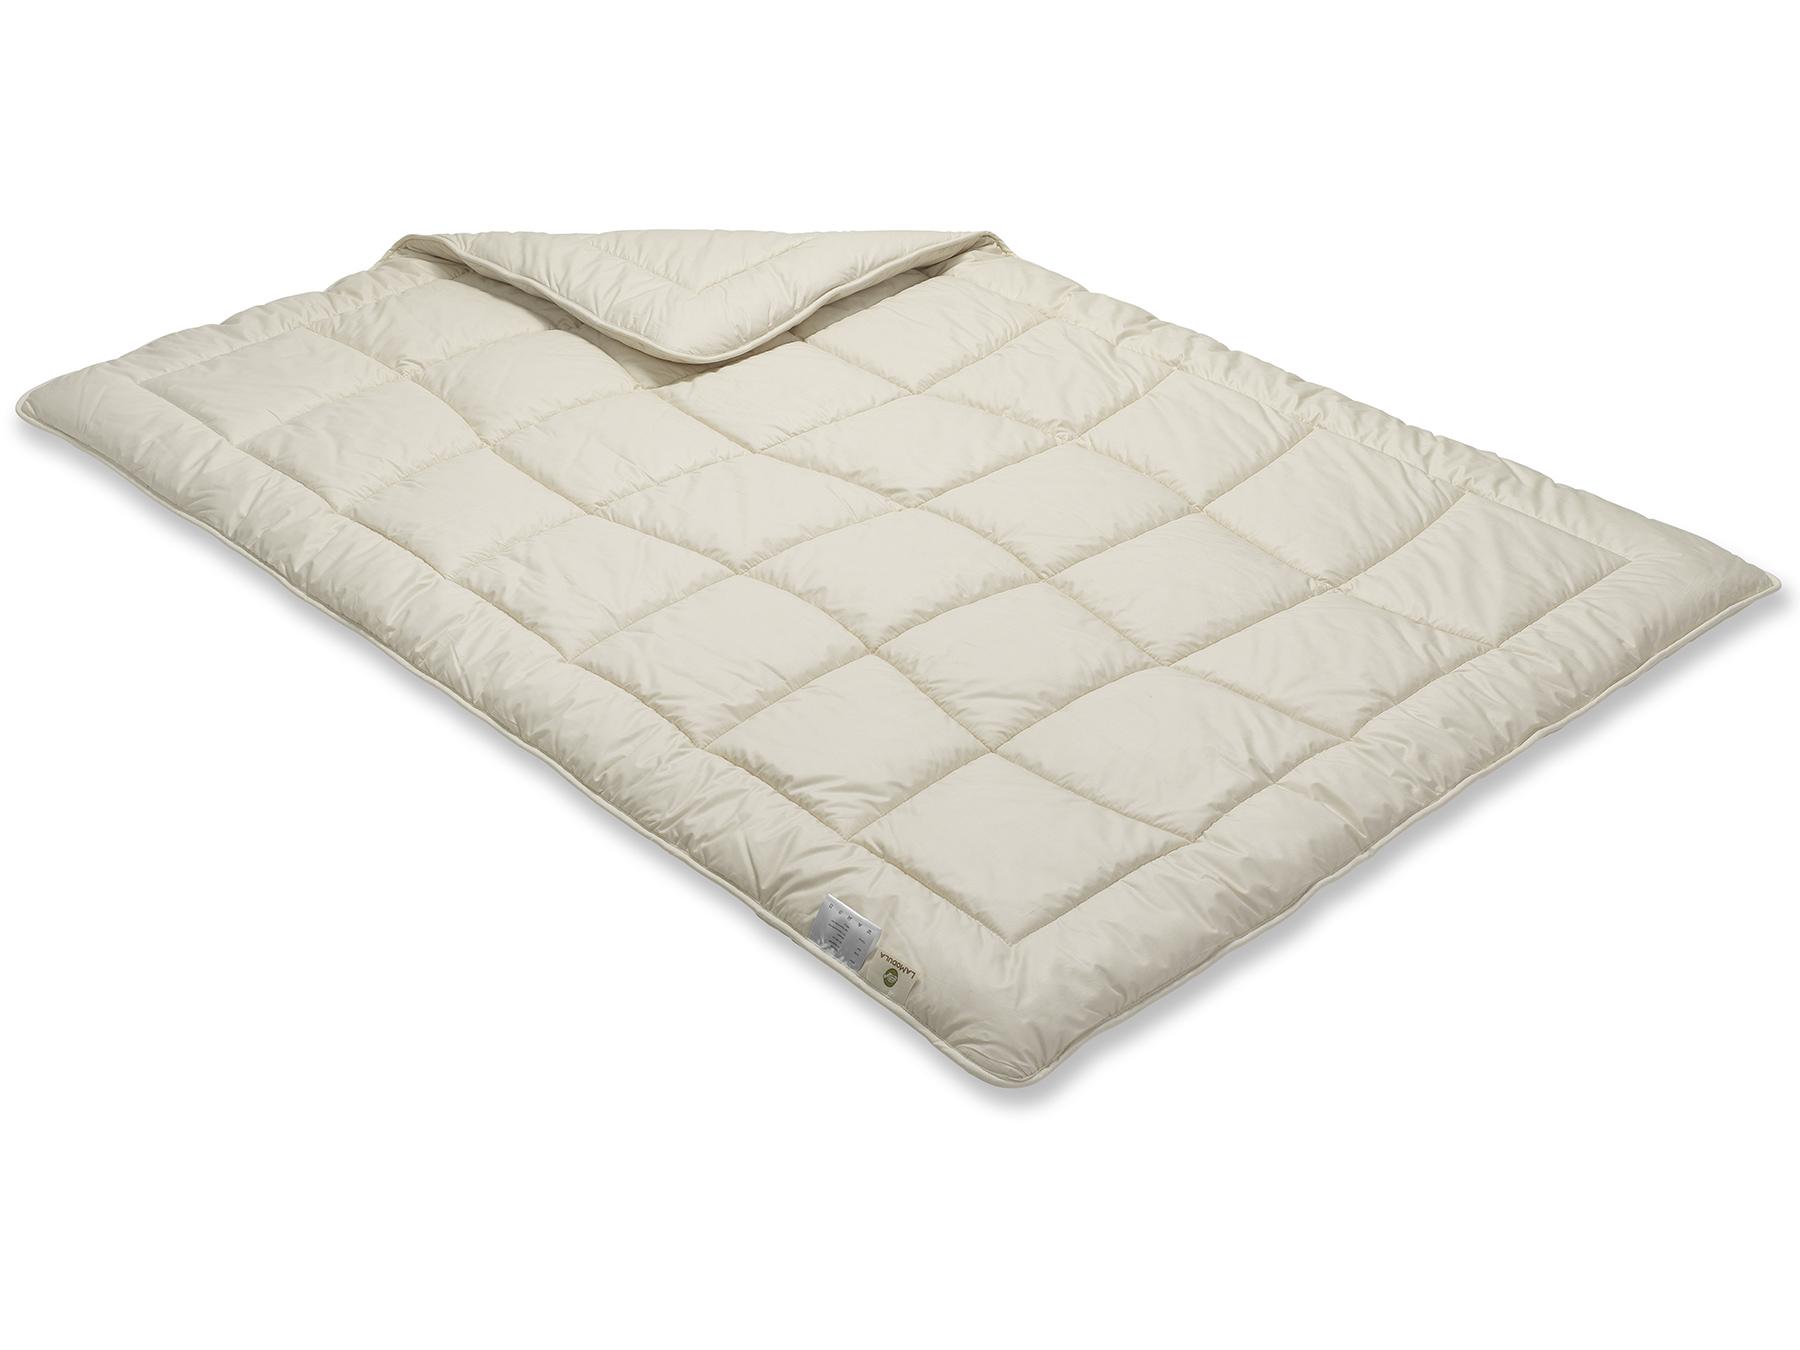 Unsere Baumwoll-Duo-Decke wird besonders sorgfältig mit Einnadeltechnik hergestellt.